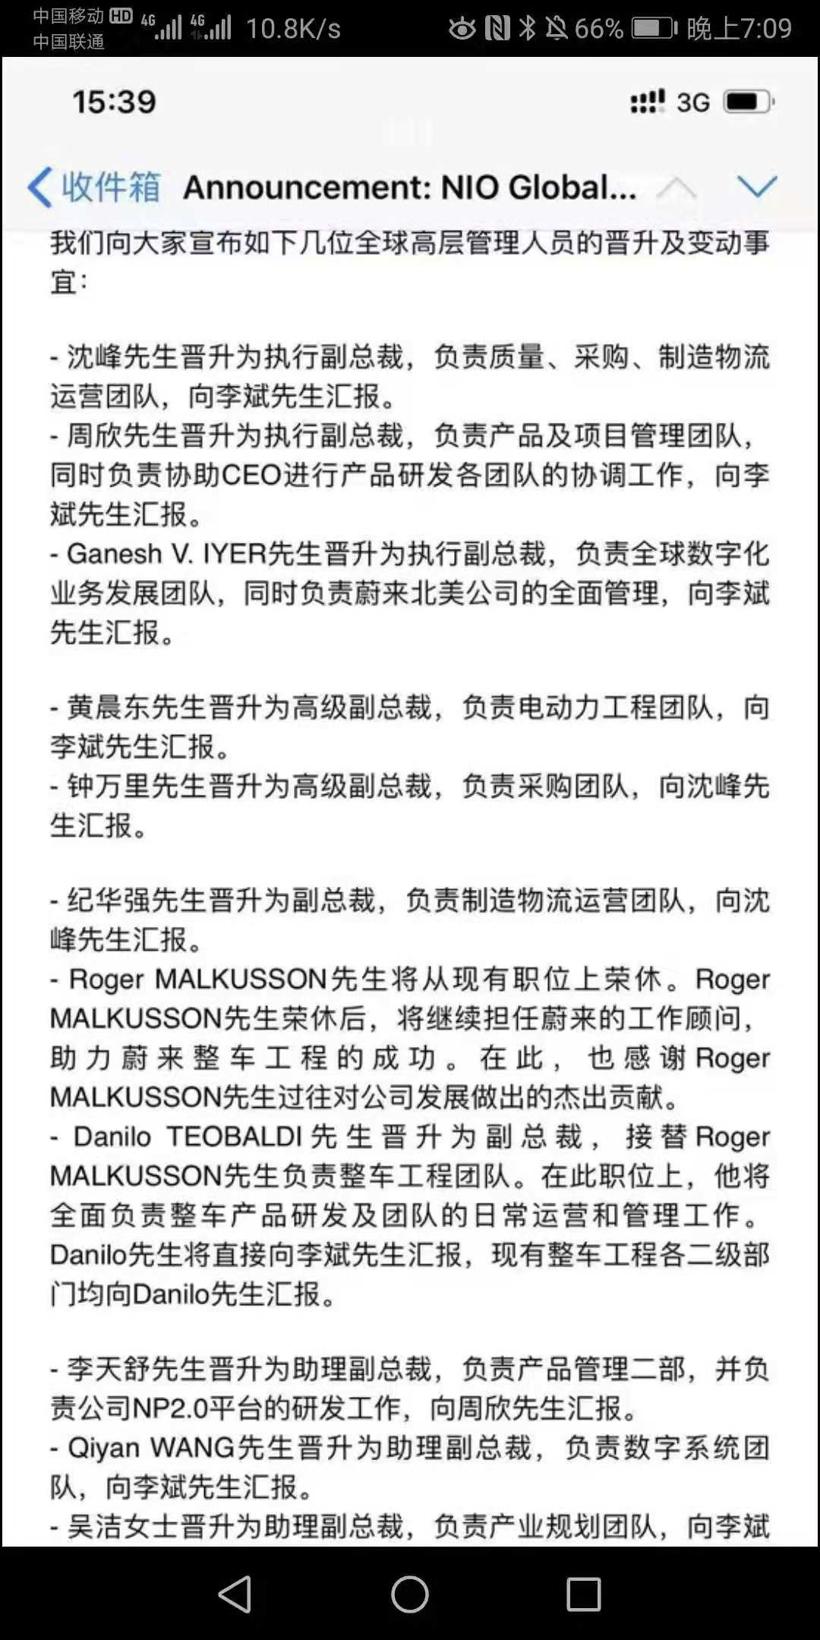 网传蔚来人事变动:沈峰、周欣等人晋升执行副总裁